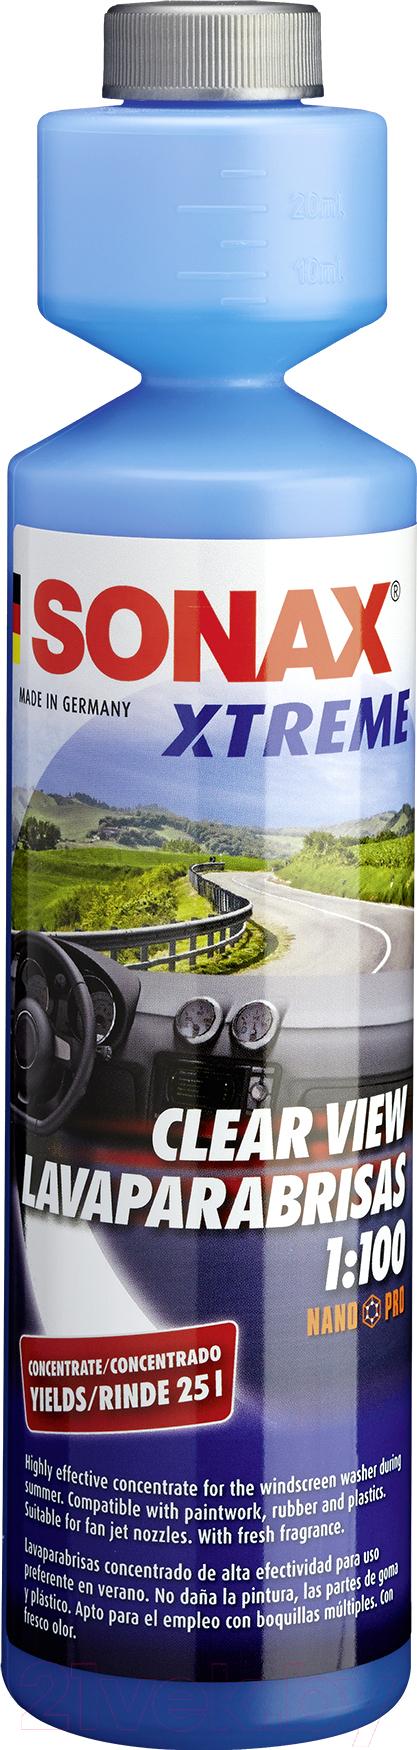 Купить Жидкость стеклоомывающая Sonax, 271141 Лето (250мл), Германия, лето